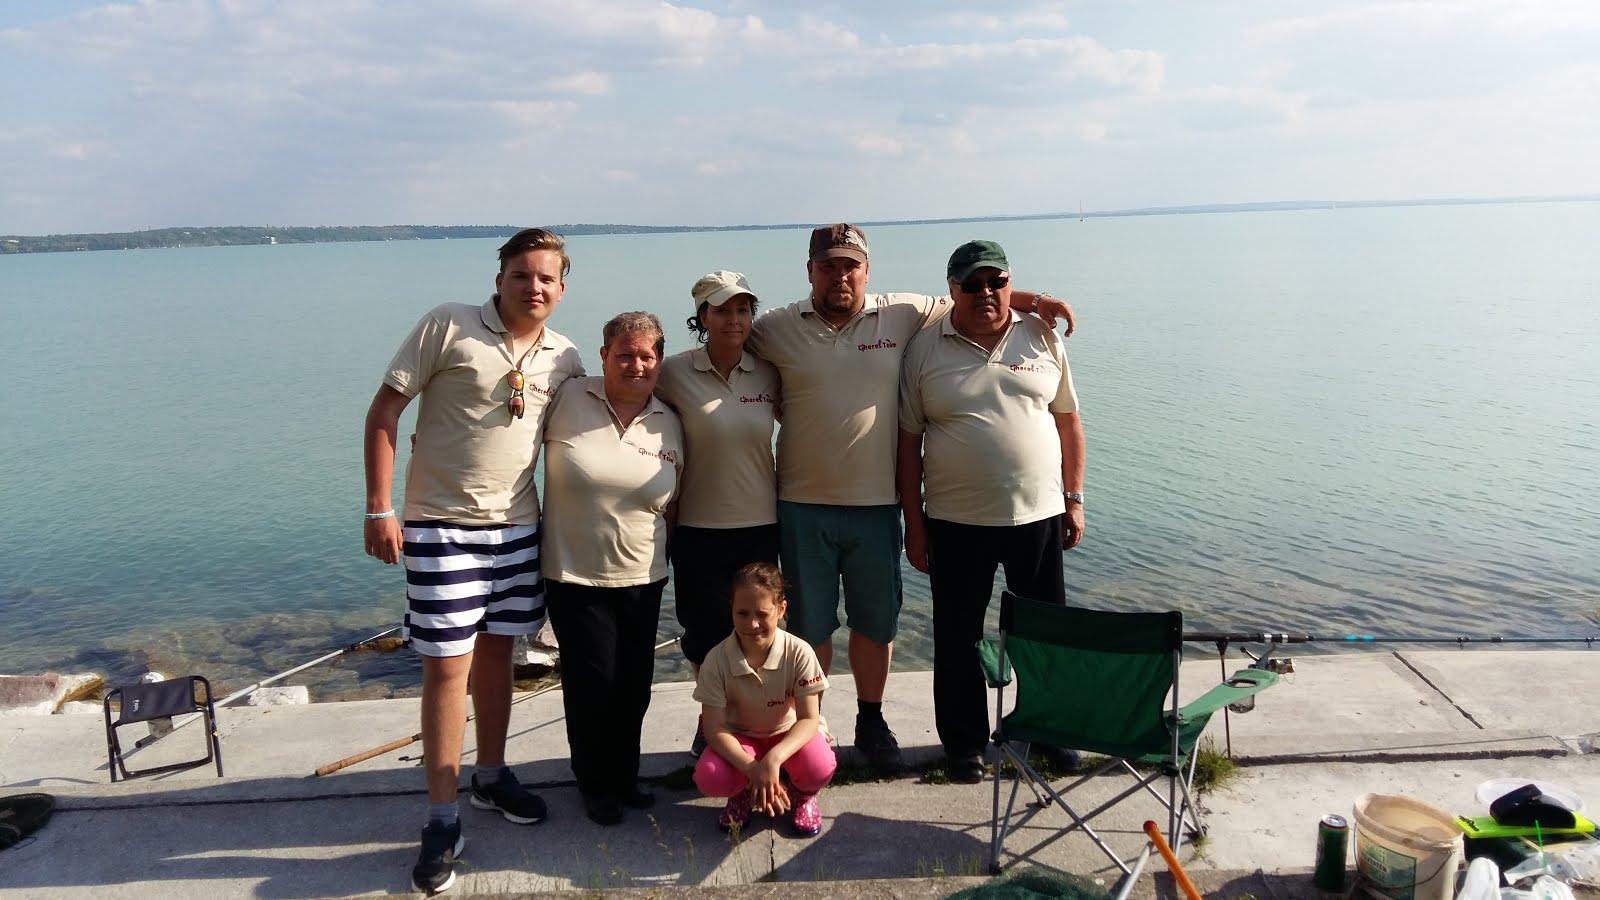 Balatoni horgászverseny 2016 (katt a képre)